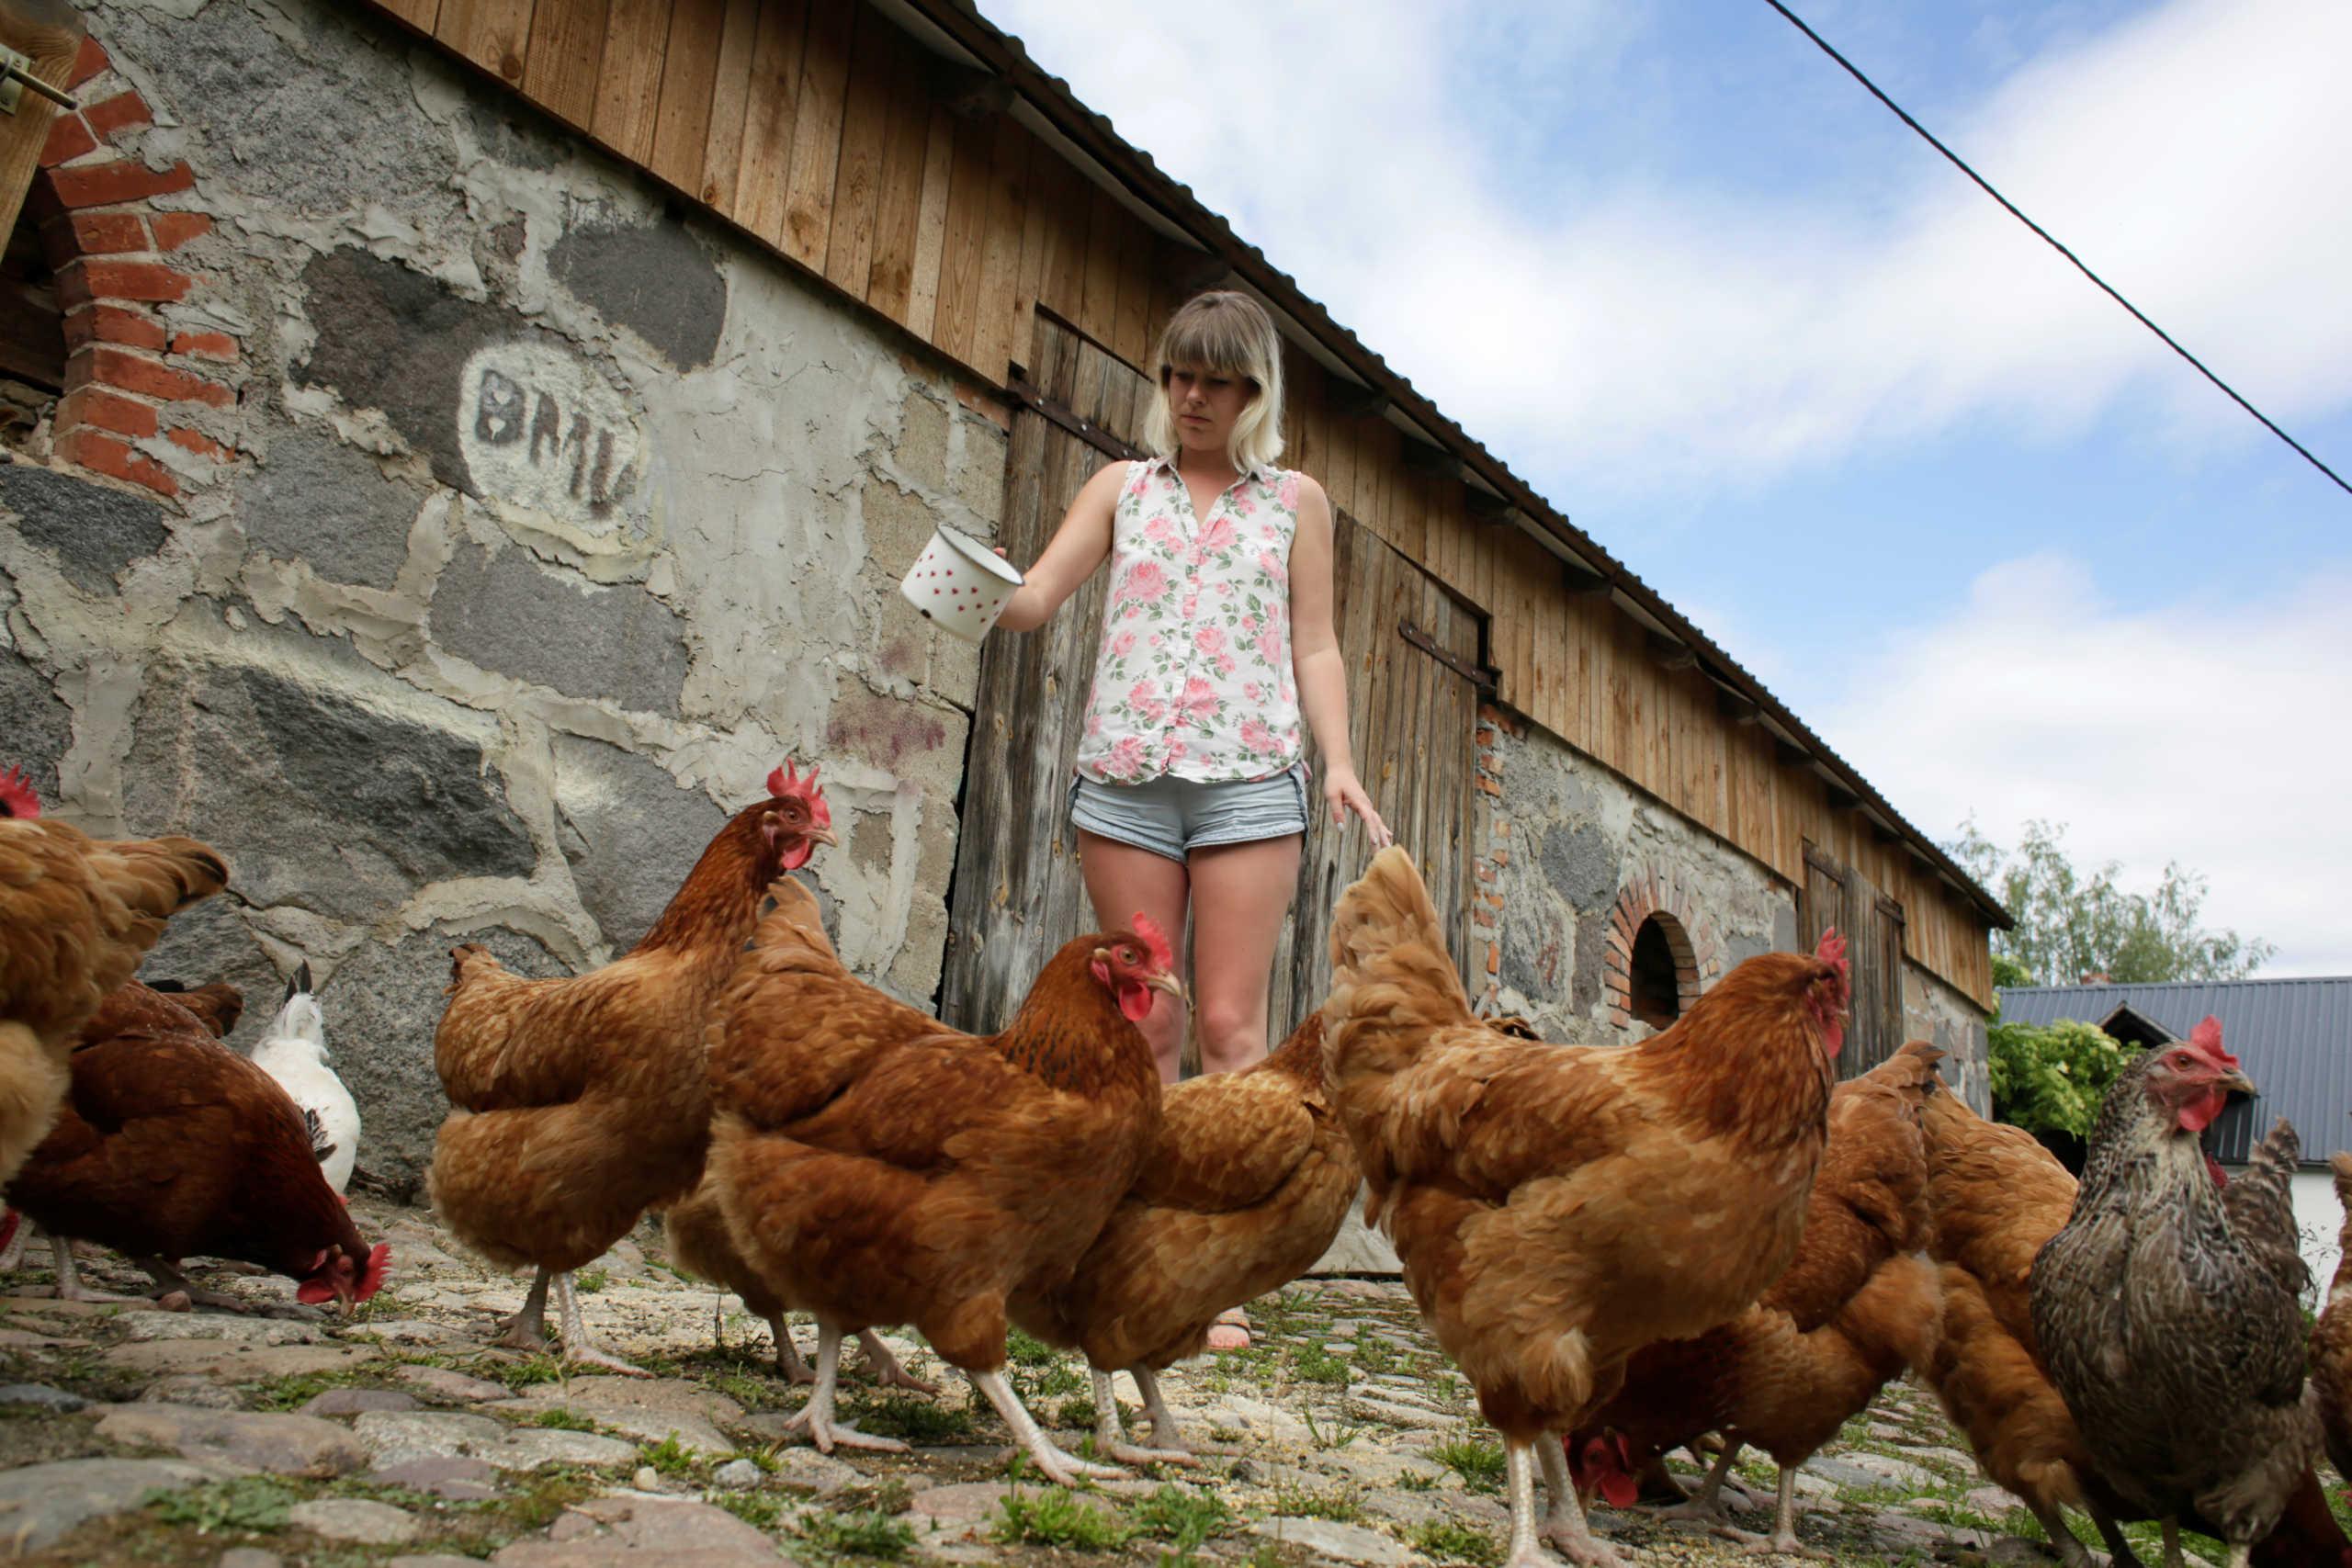 Τελικά… ποιος έκανε την κότα; Σημαντική ανακάλυψη δίνει την απάντηση